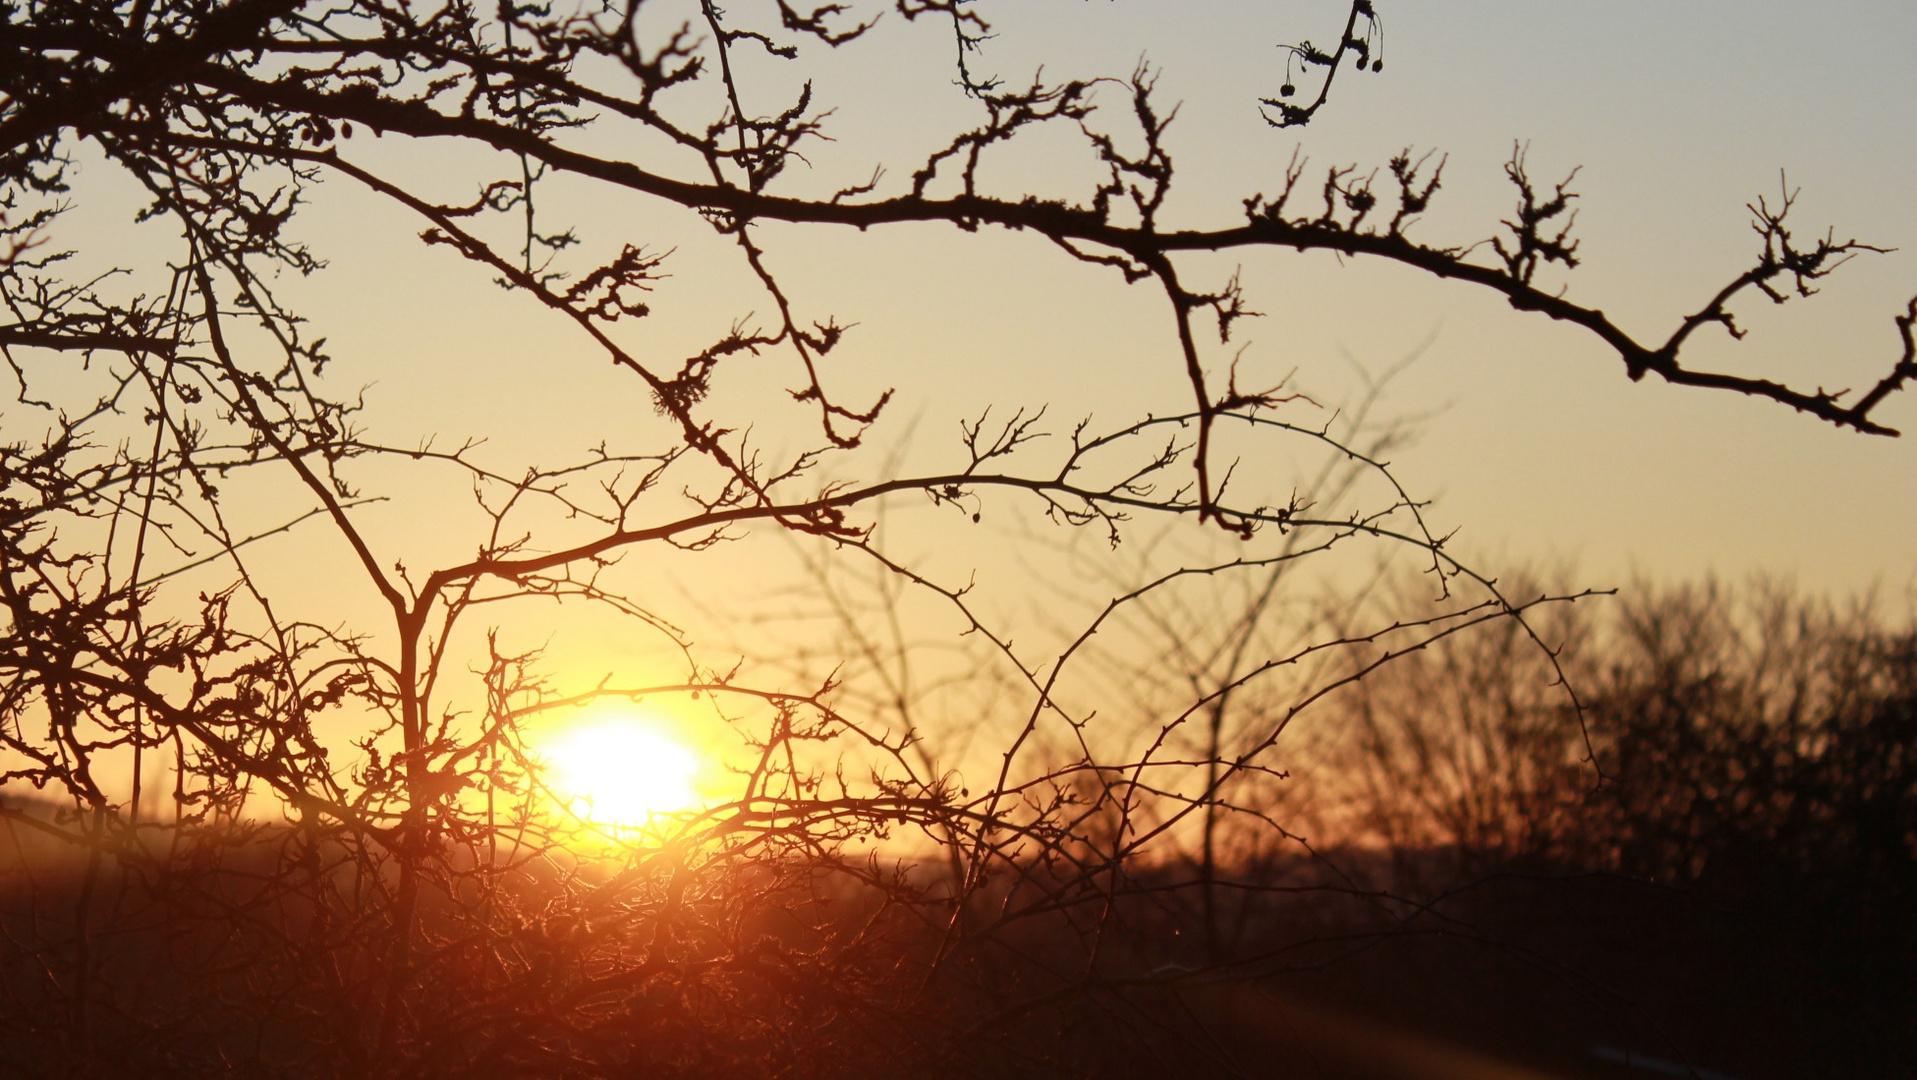 Sonnenuntergang mal anders..!